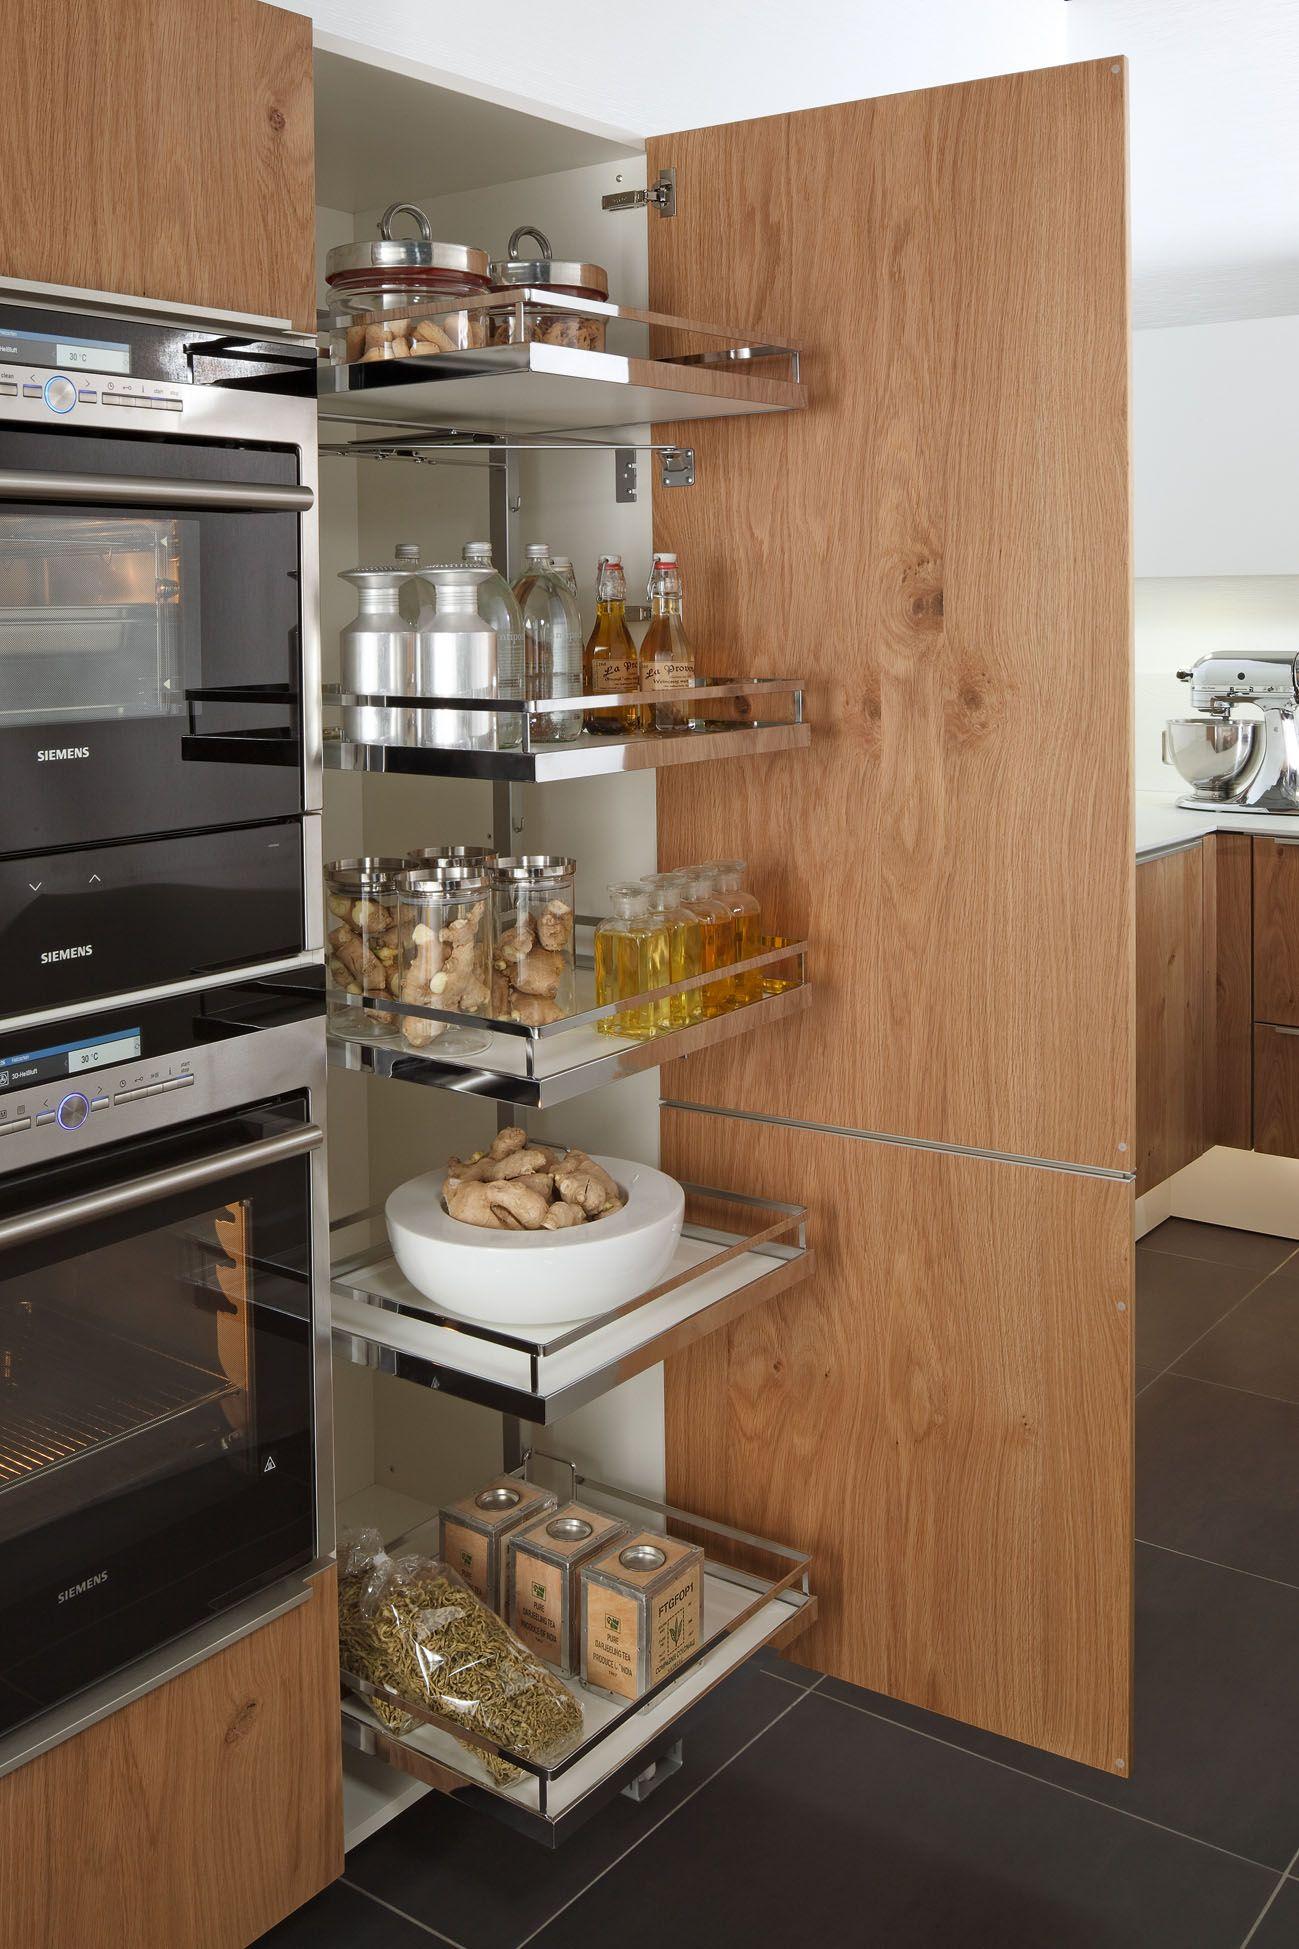 zeyko planeo asteiche product in beeld startpagina voor keuken idee n uw keuken. Black Bedroom Furniture Sets. Home Design Ideas